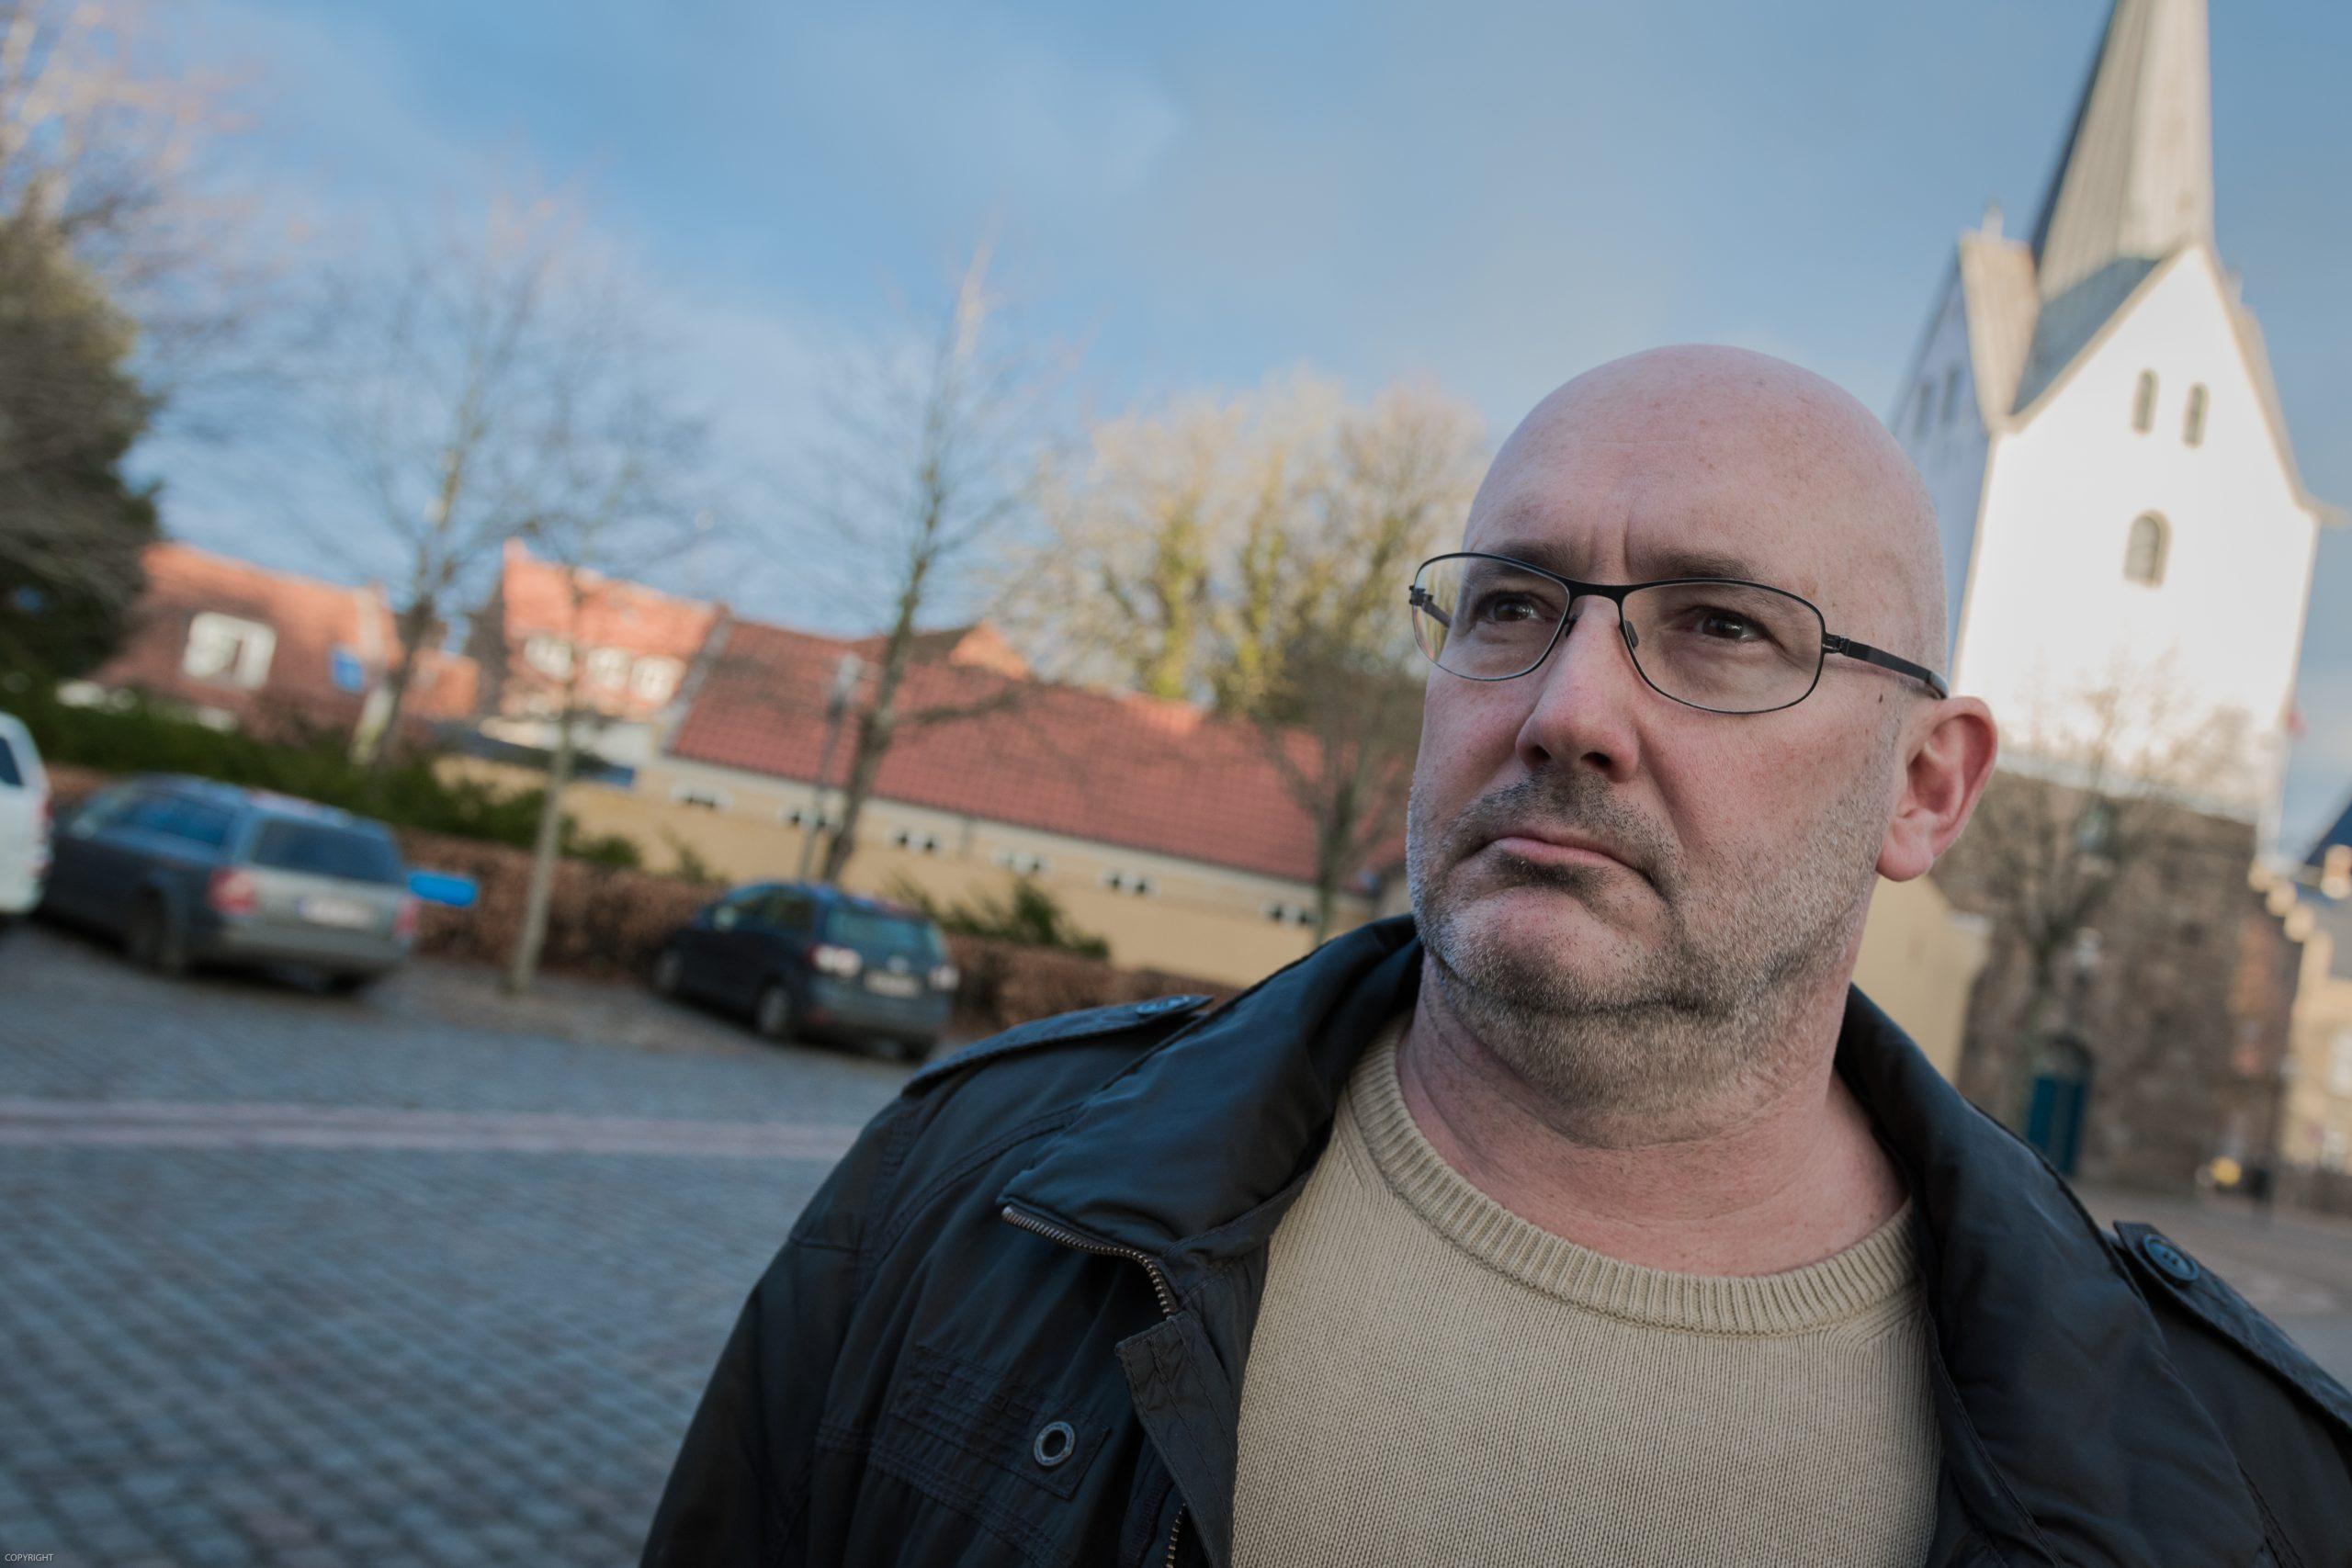 Turistchefen i Varde, Colin Seymour, er optimistisk før sæsonen 2017. Men han ønsker sig flere sommerhuse til udlejning og foreslår ændrede skatteregler. (Foto: Lars Bo Axelholm)